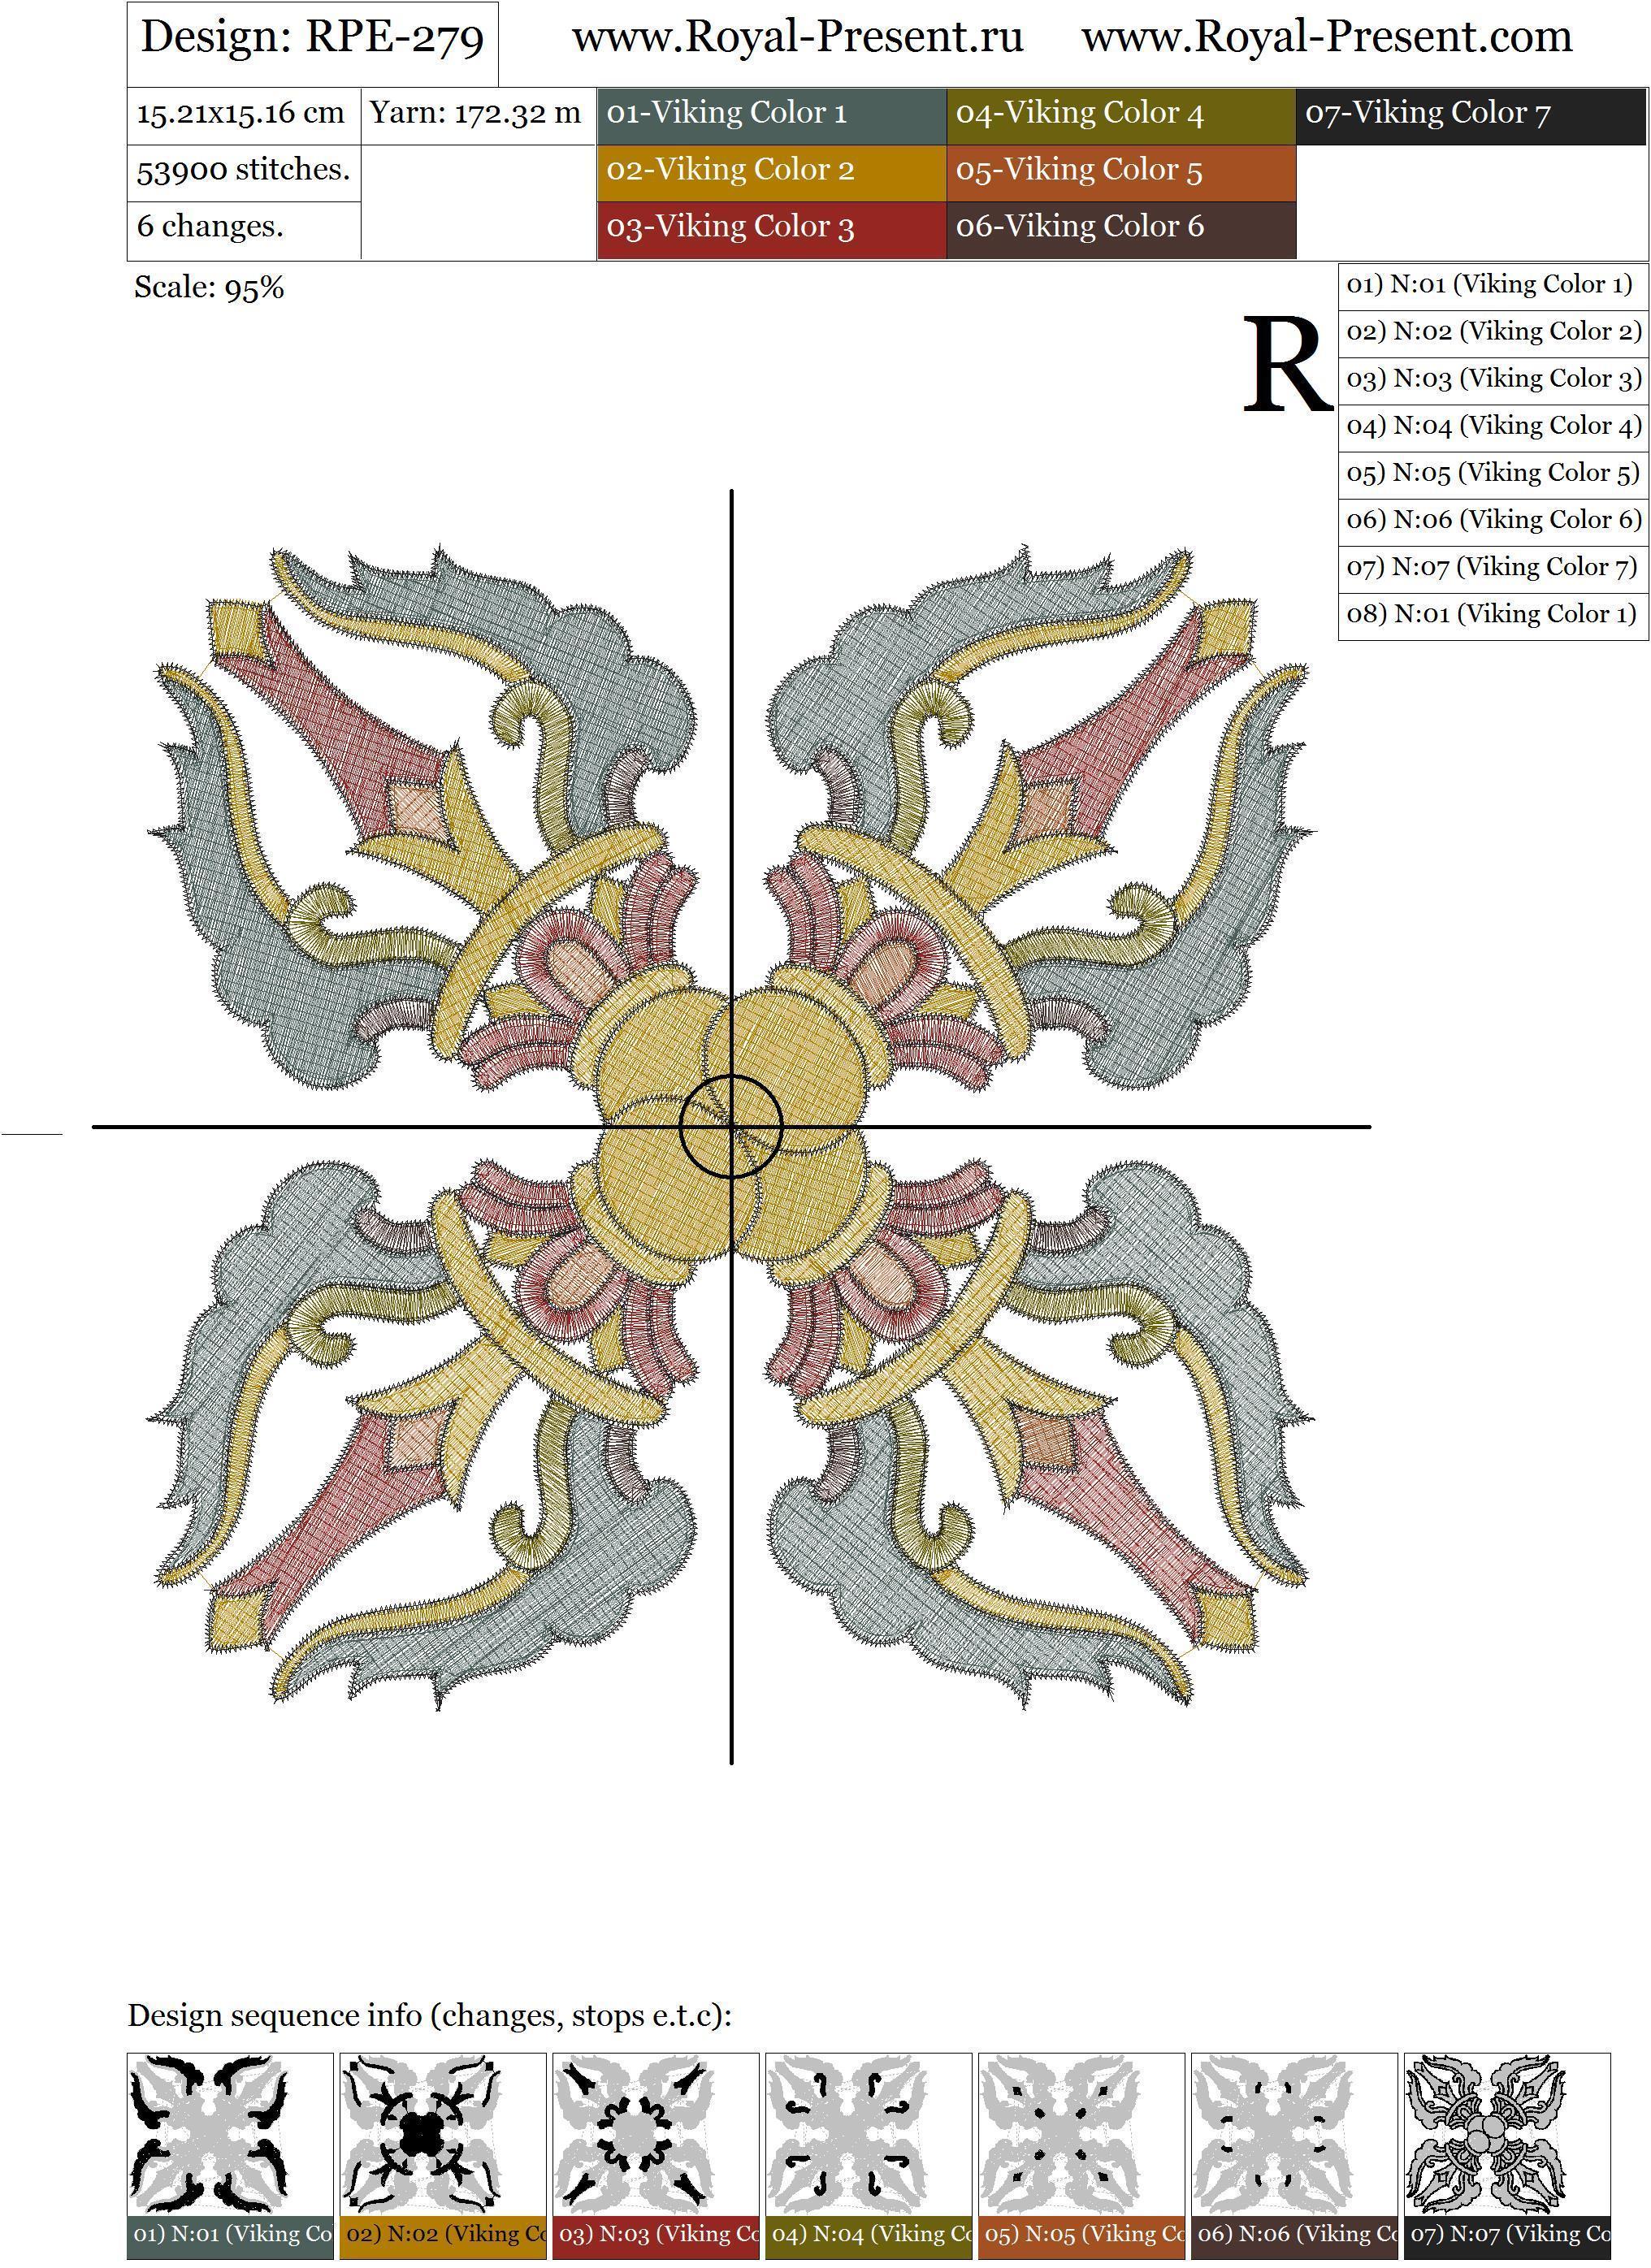 Дизайн для машинной вышивки Тибетский орнамент Ваджра